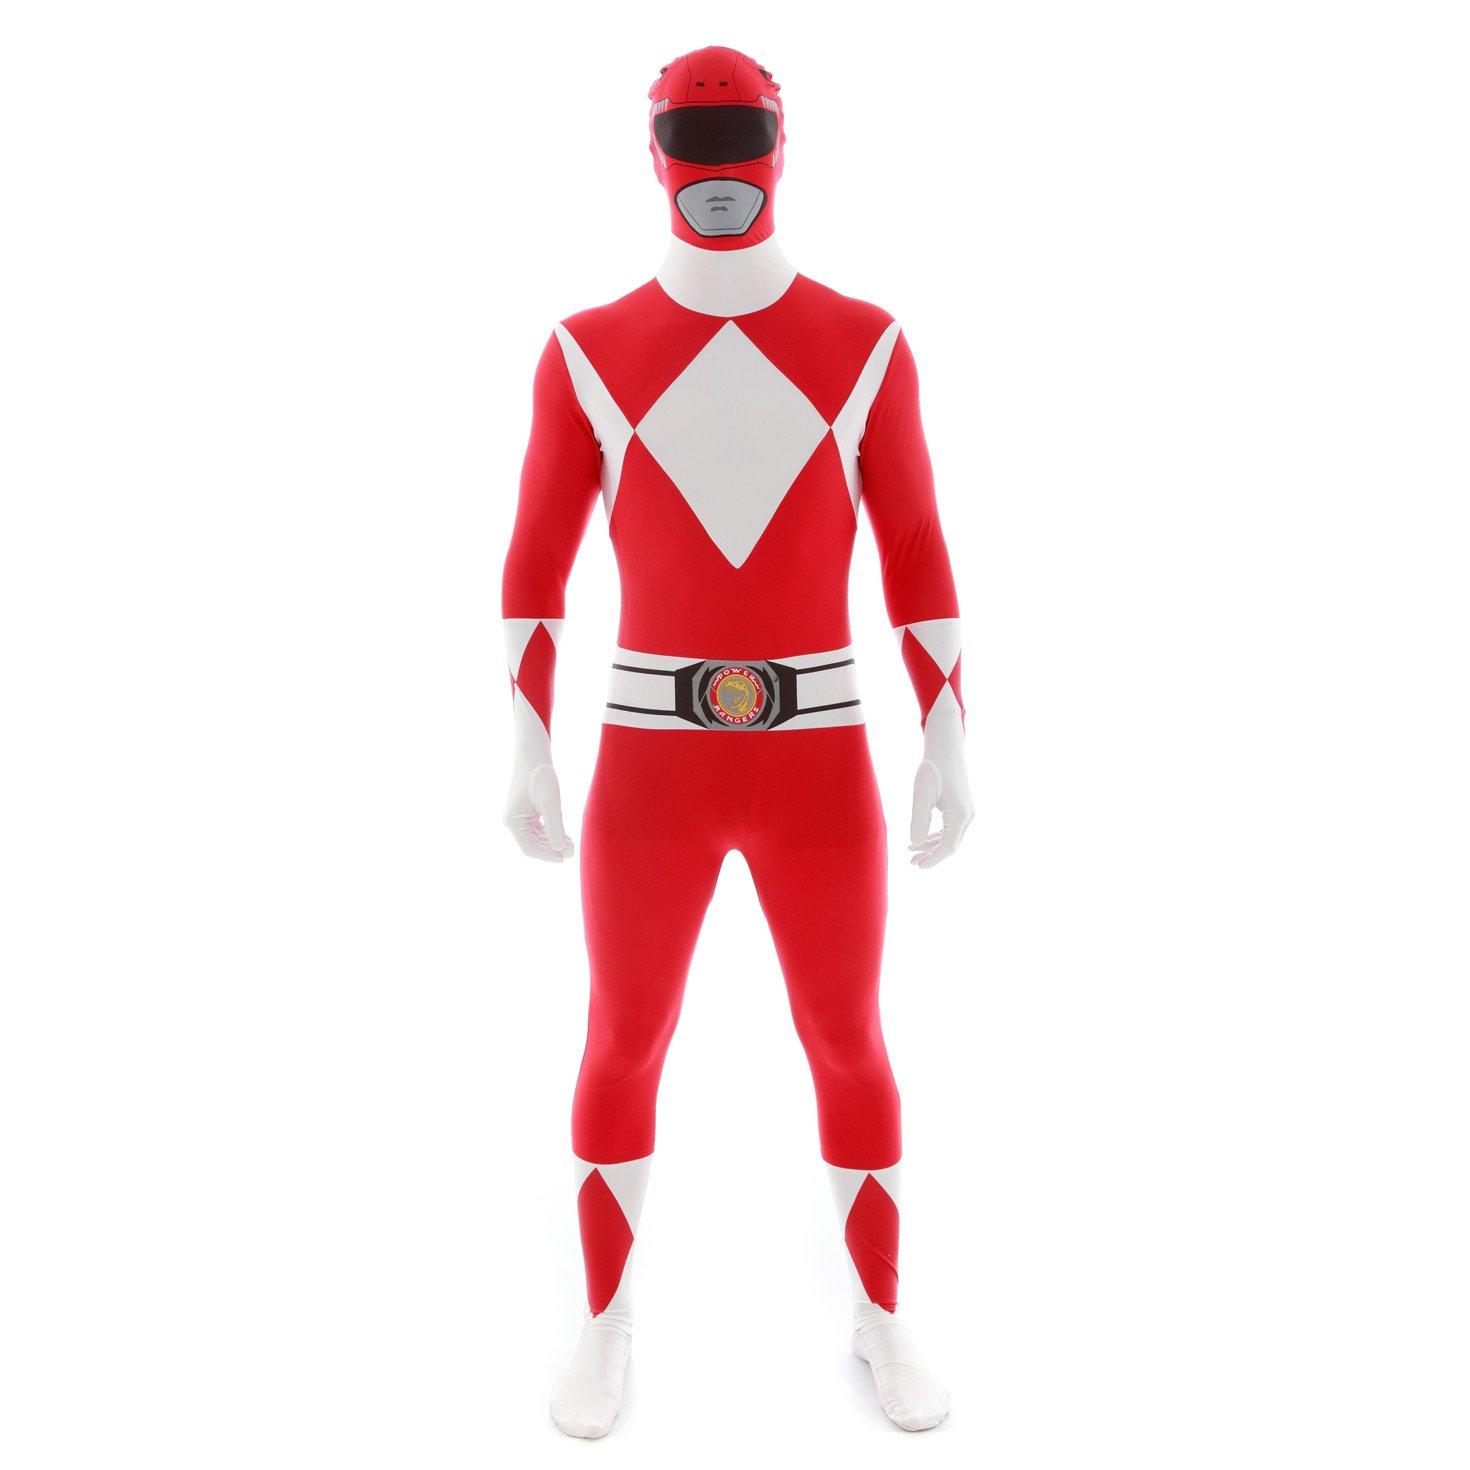 Amazon.com: Morphsuits Men's Morphsuit Power Ranger, Black, Small ...